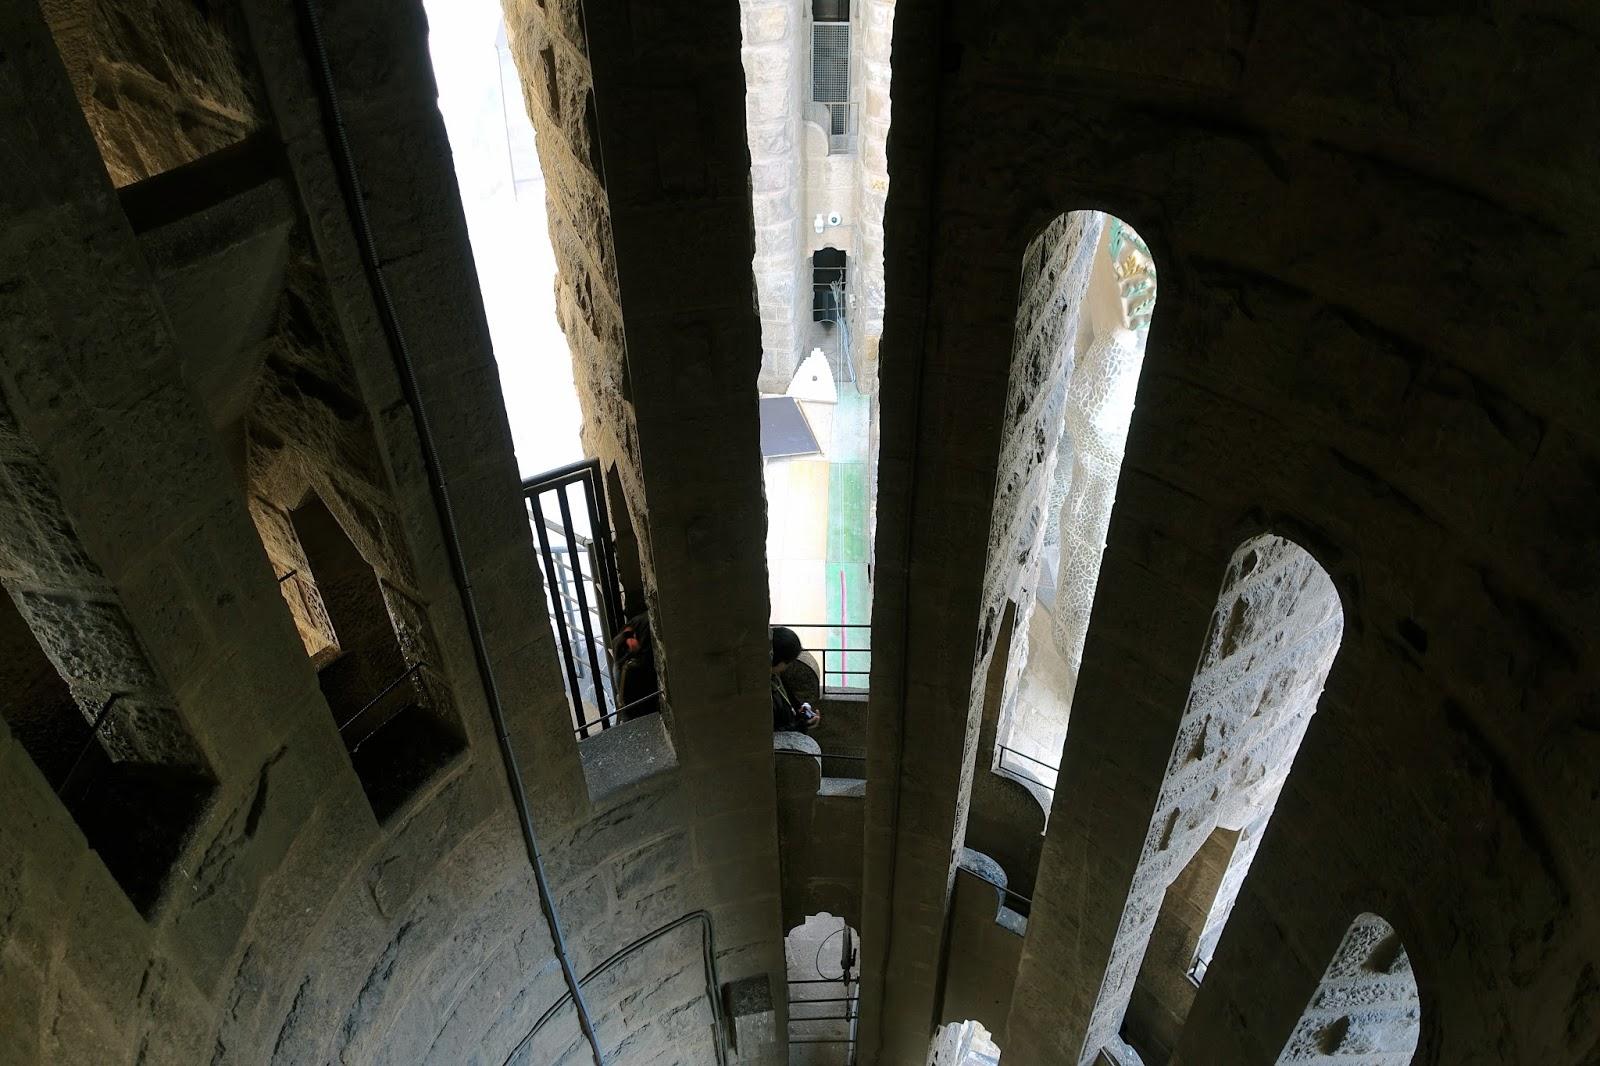 サグラダ・ファミリア (Sagrada Familia) 塔の通路